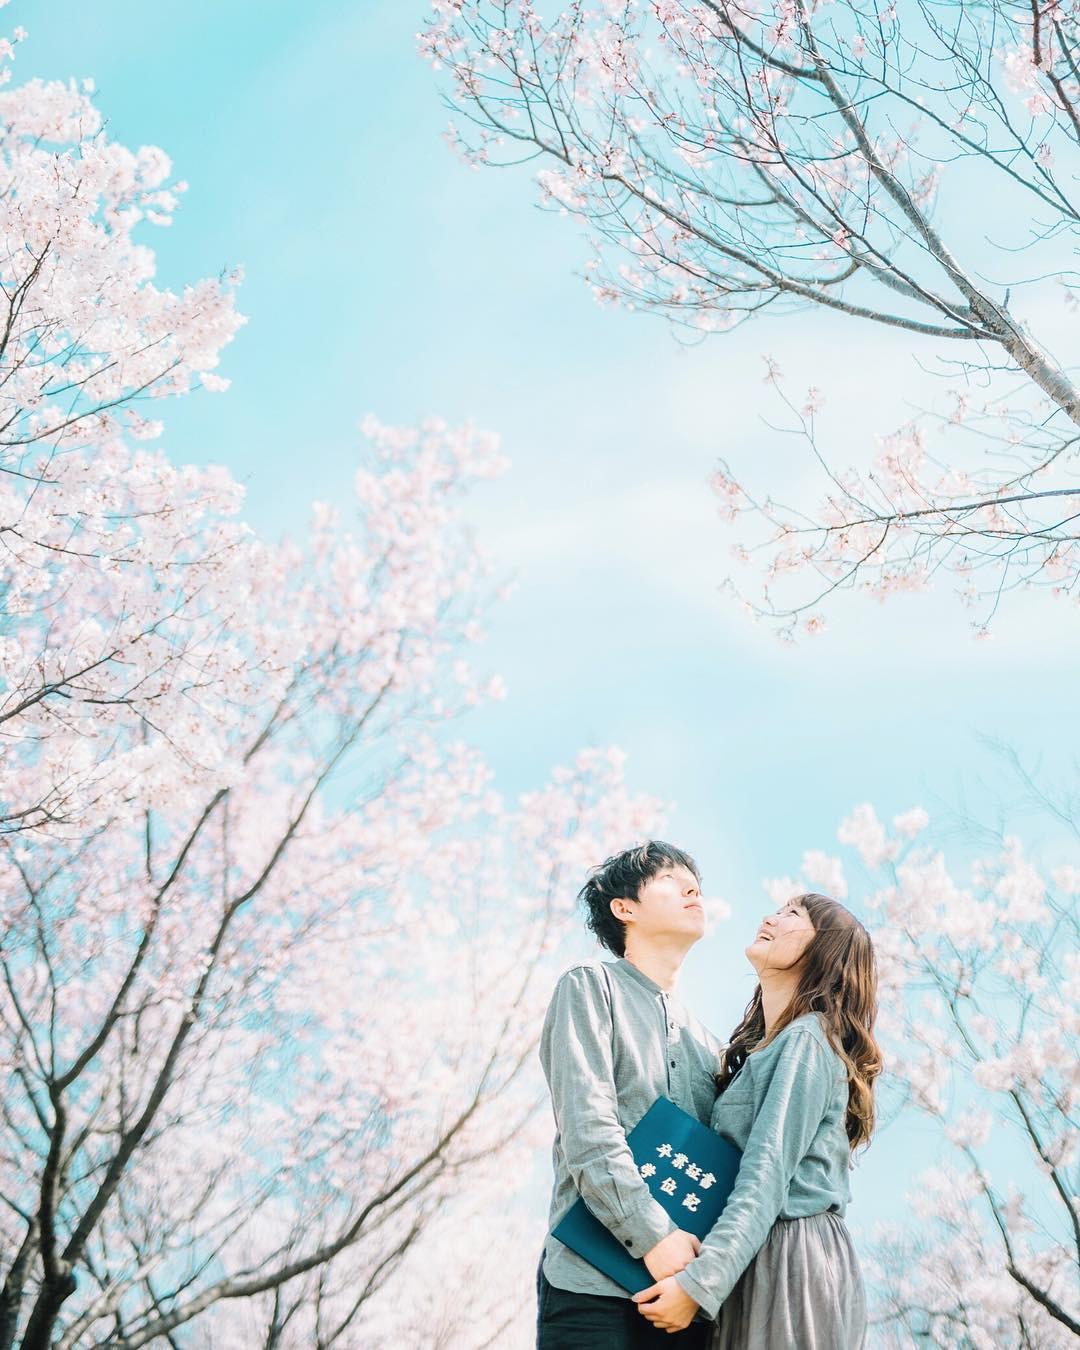 Tháng 10 đến, 3 cung Hoàng đạo sau sẽ may mắn gặp được tình yêu đích thực của đời mình-1